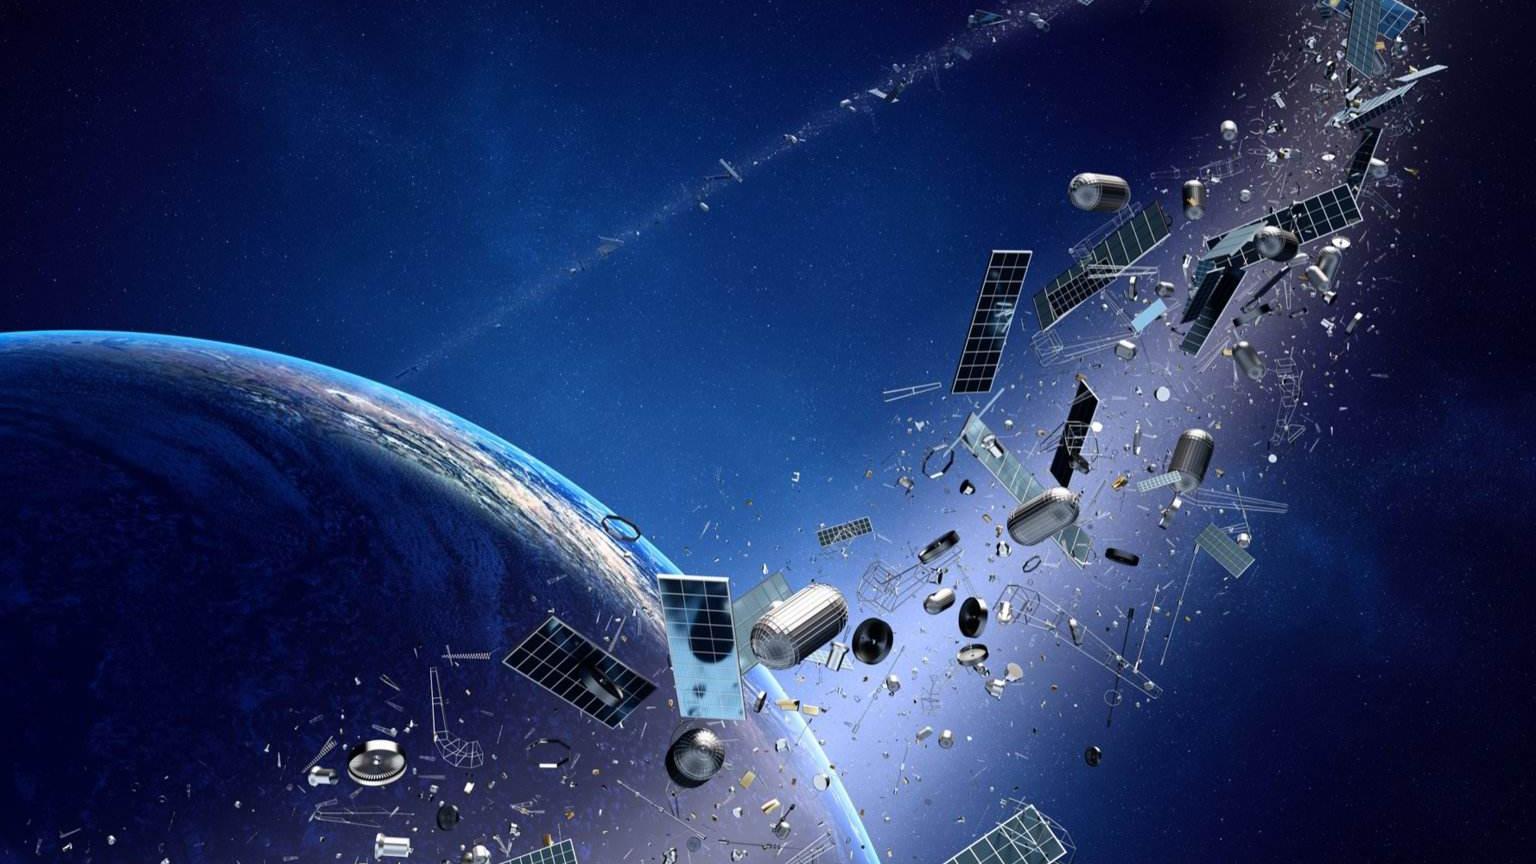 还不反省?印度反卫星武器曾造成国际麻烦,如今还要量产?